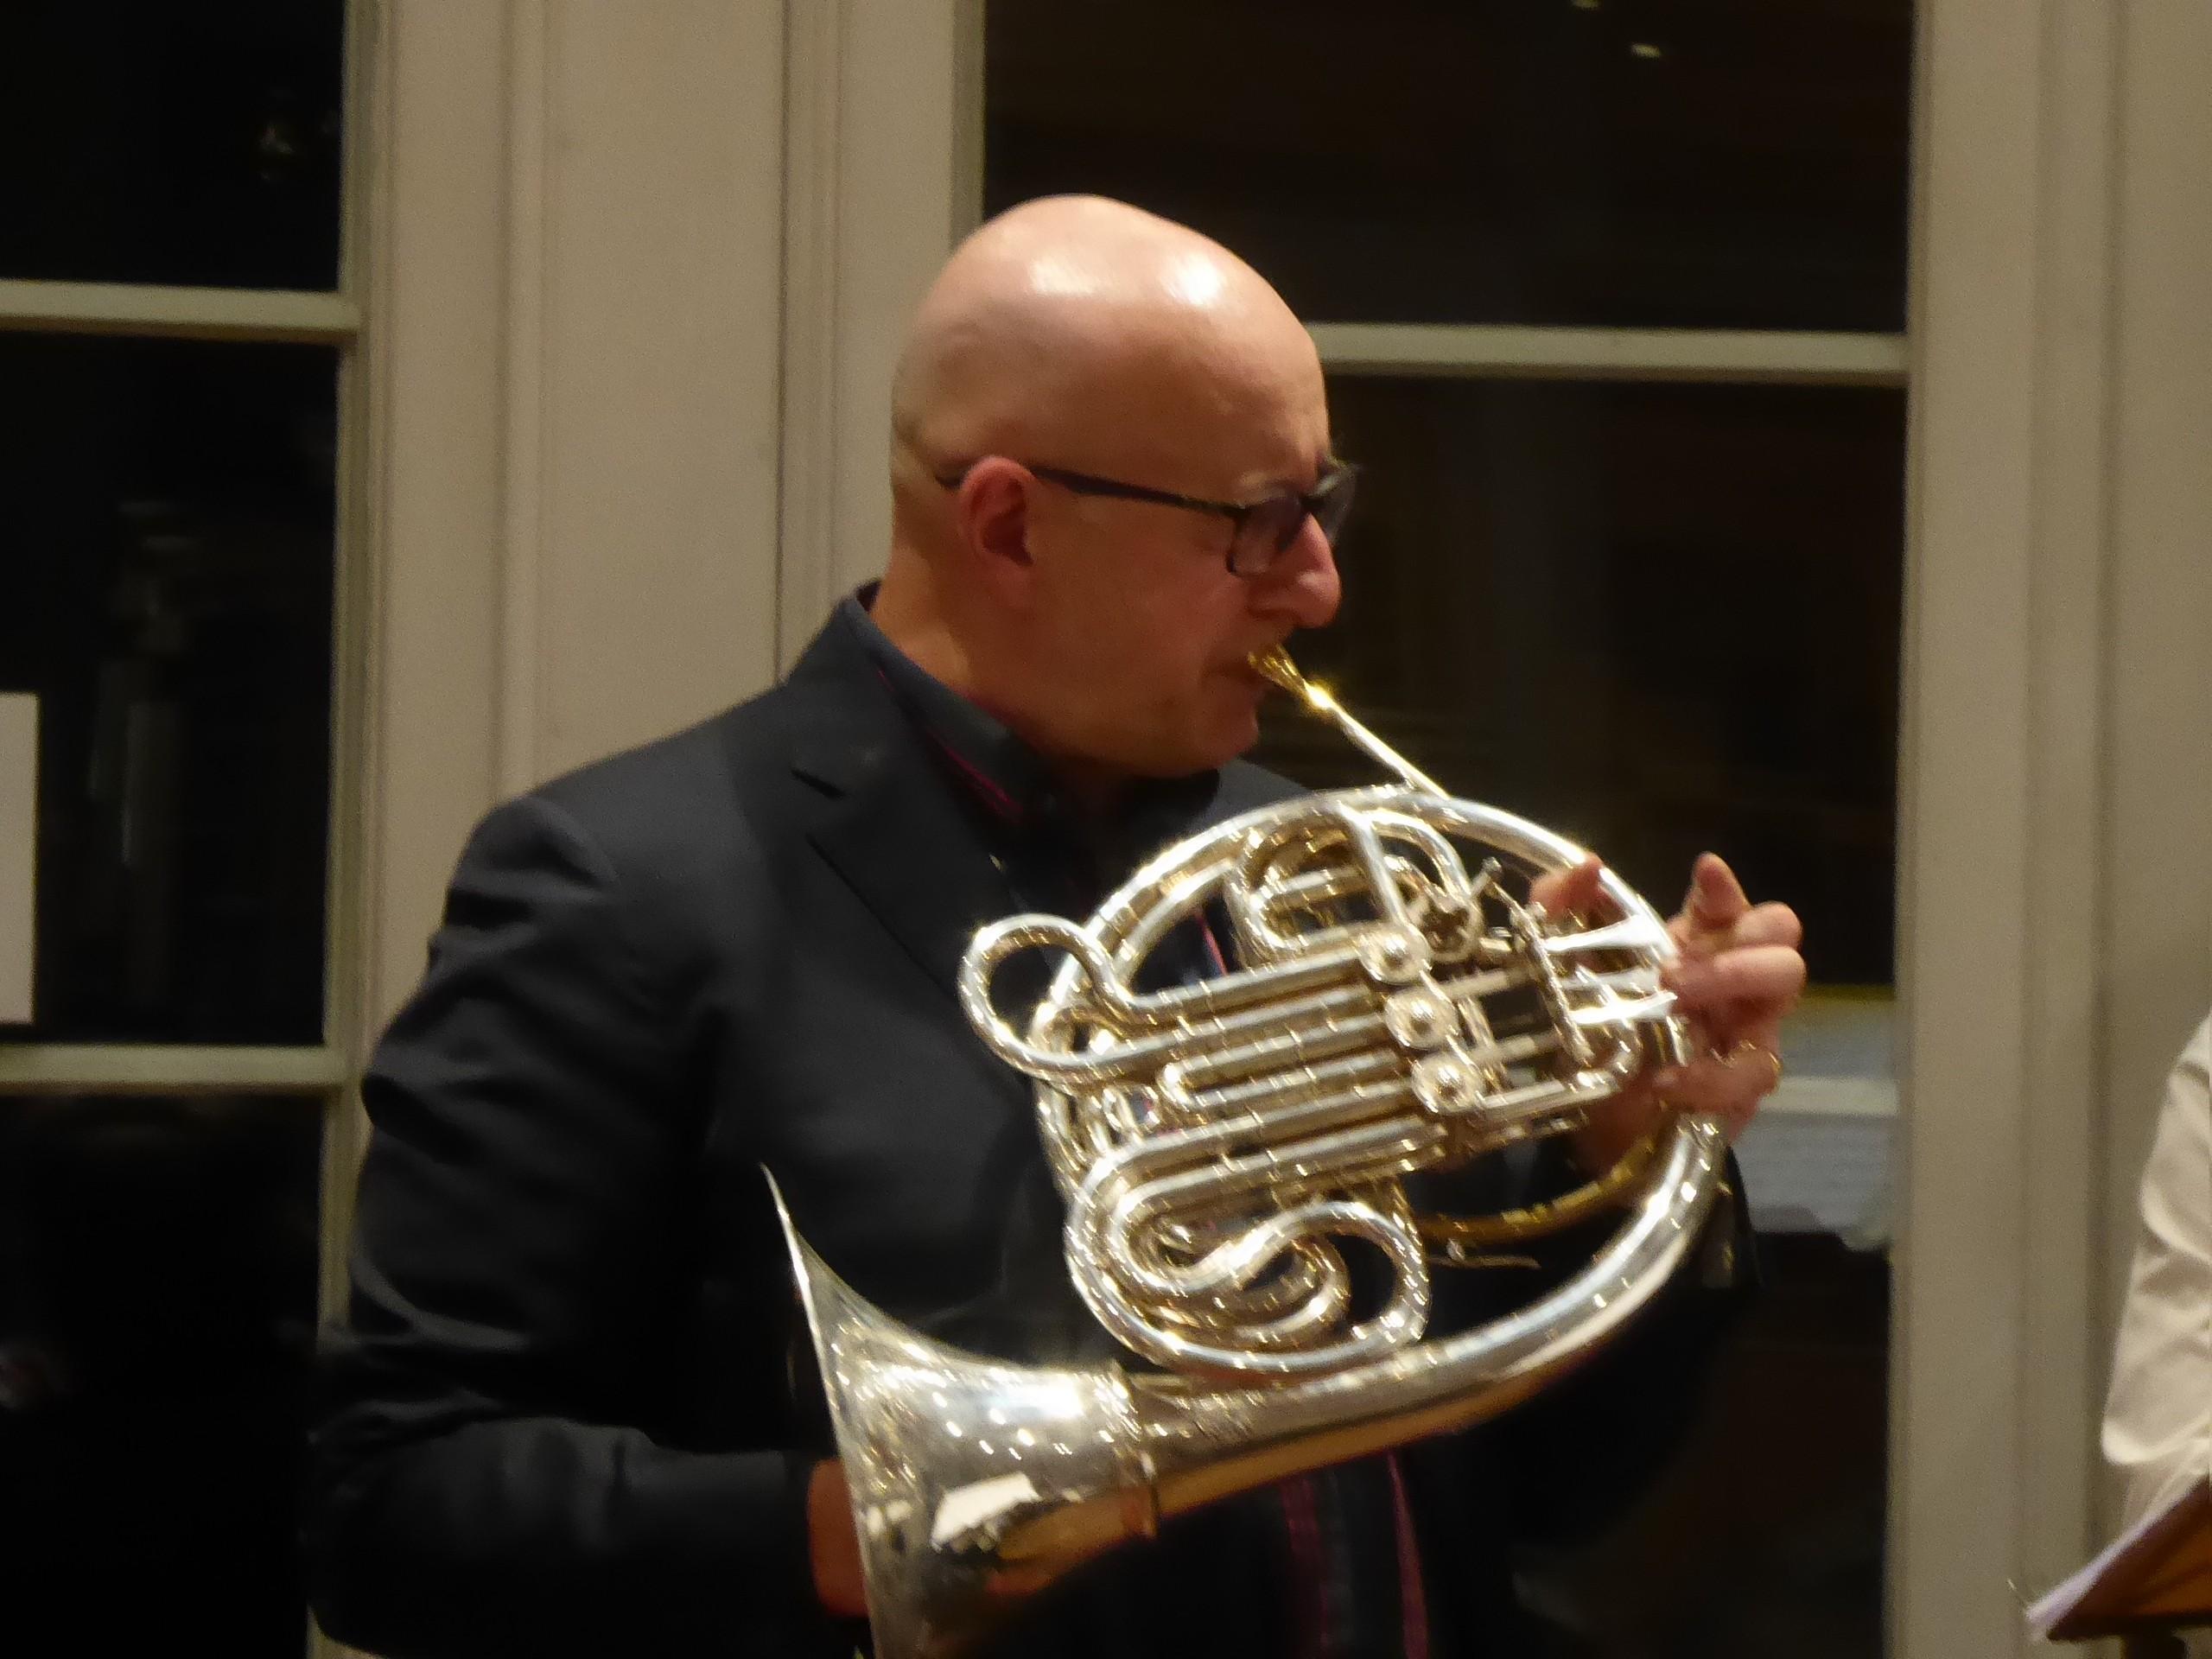 Jazzkonzert - muss leider verschoben werden